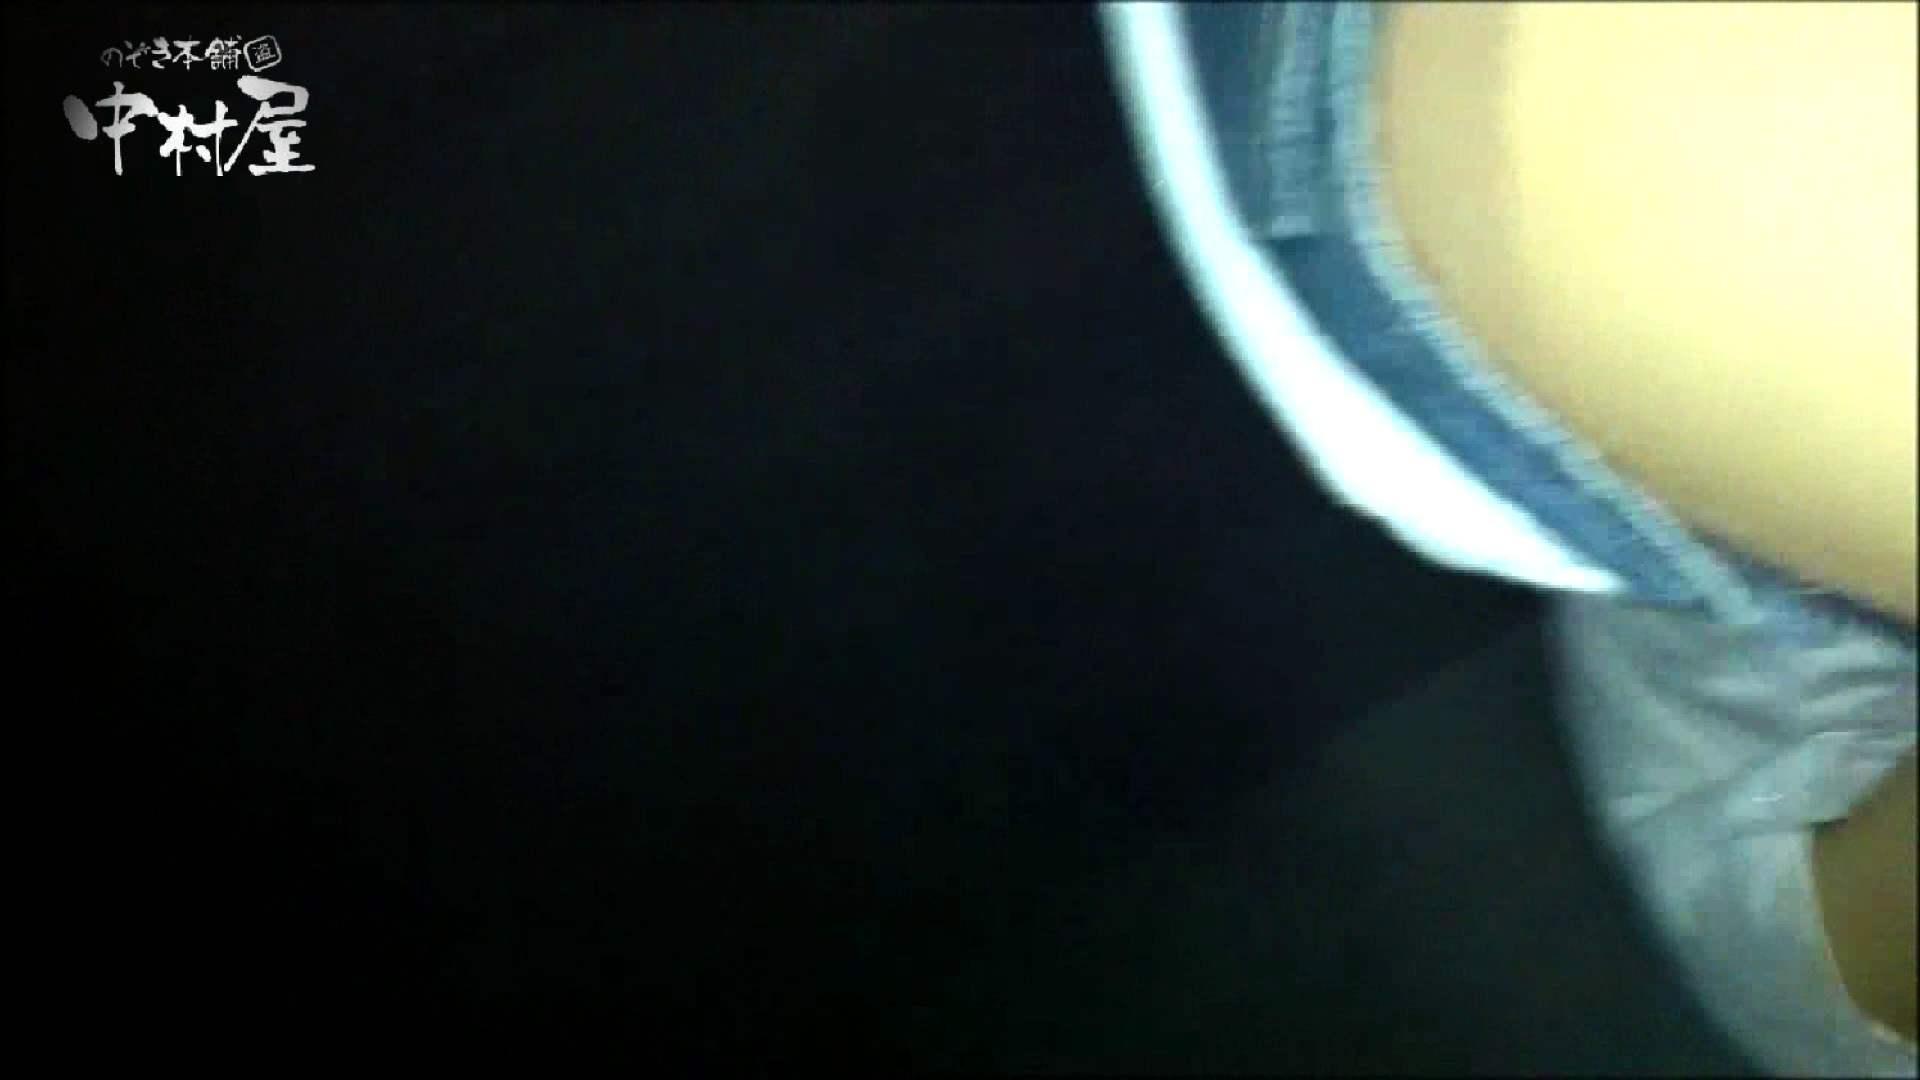 欲望 リアルドール Vol.01 Kちゃんショップ店員店員20歳 女子大生のエロ生活 ワレメ動画紹介 73連発 31